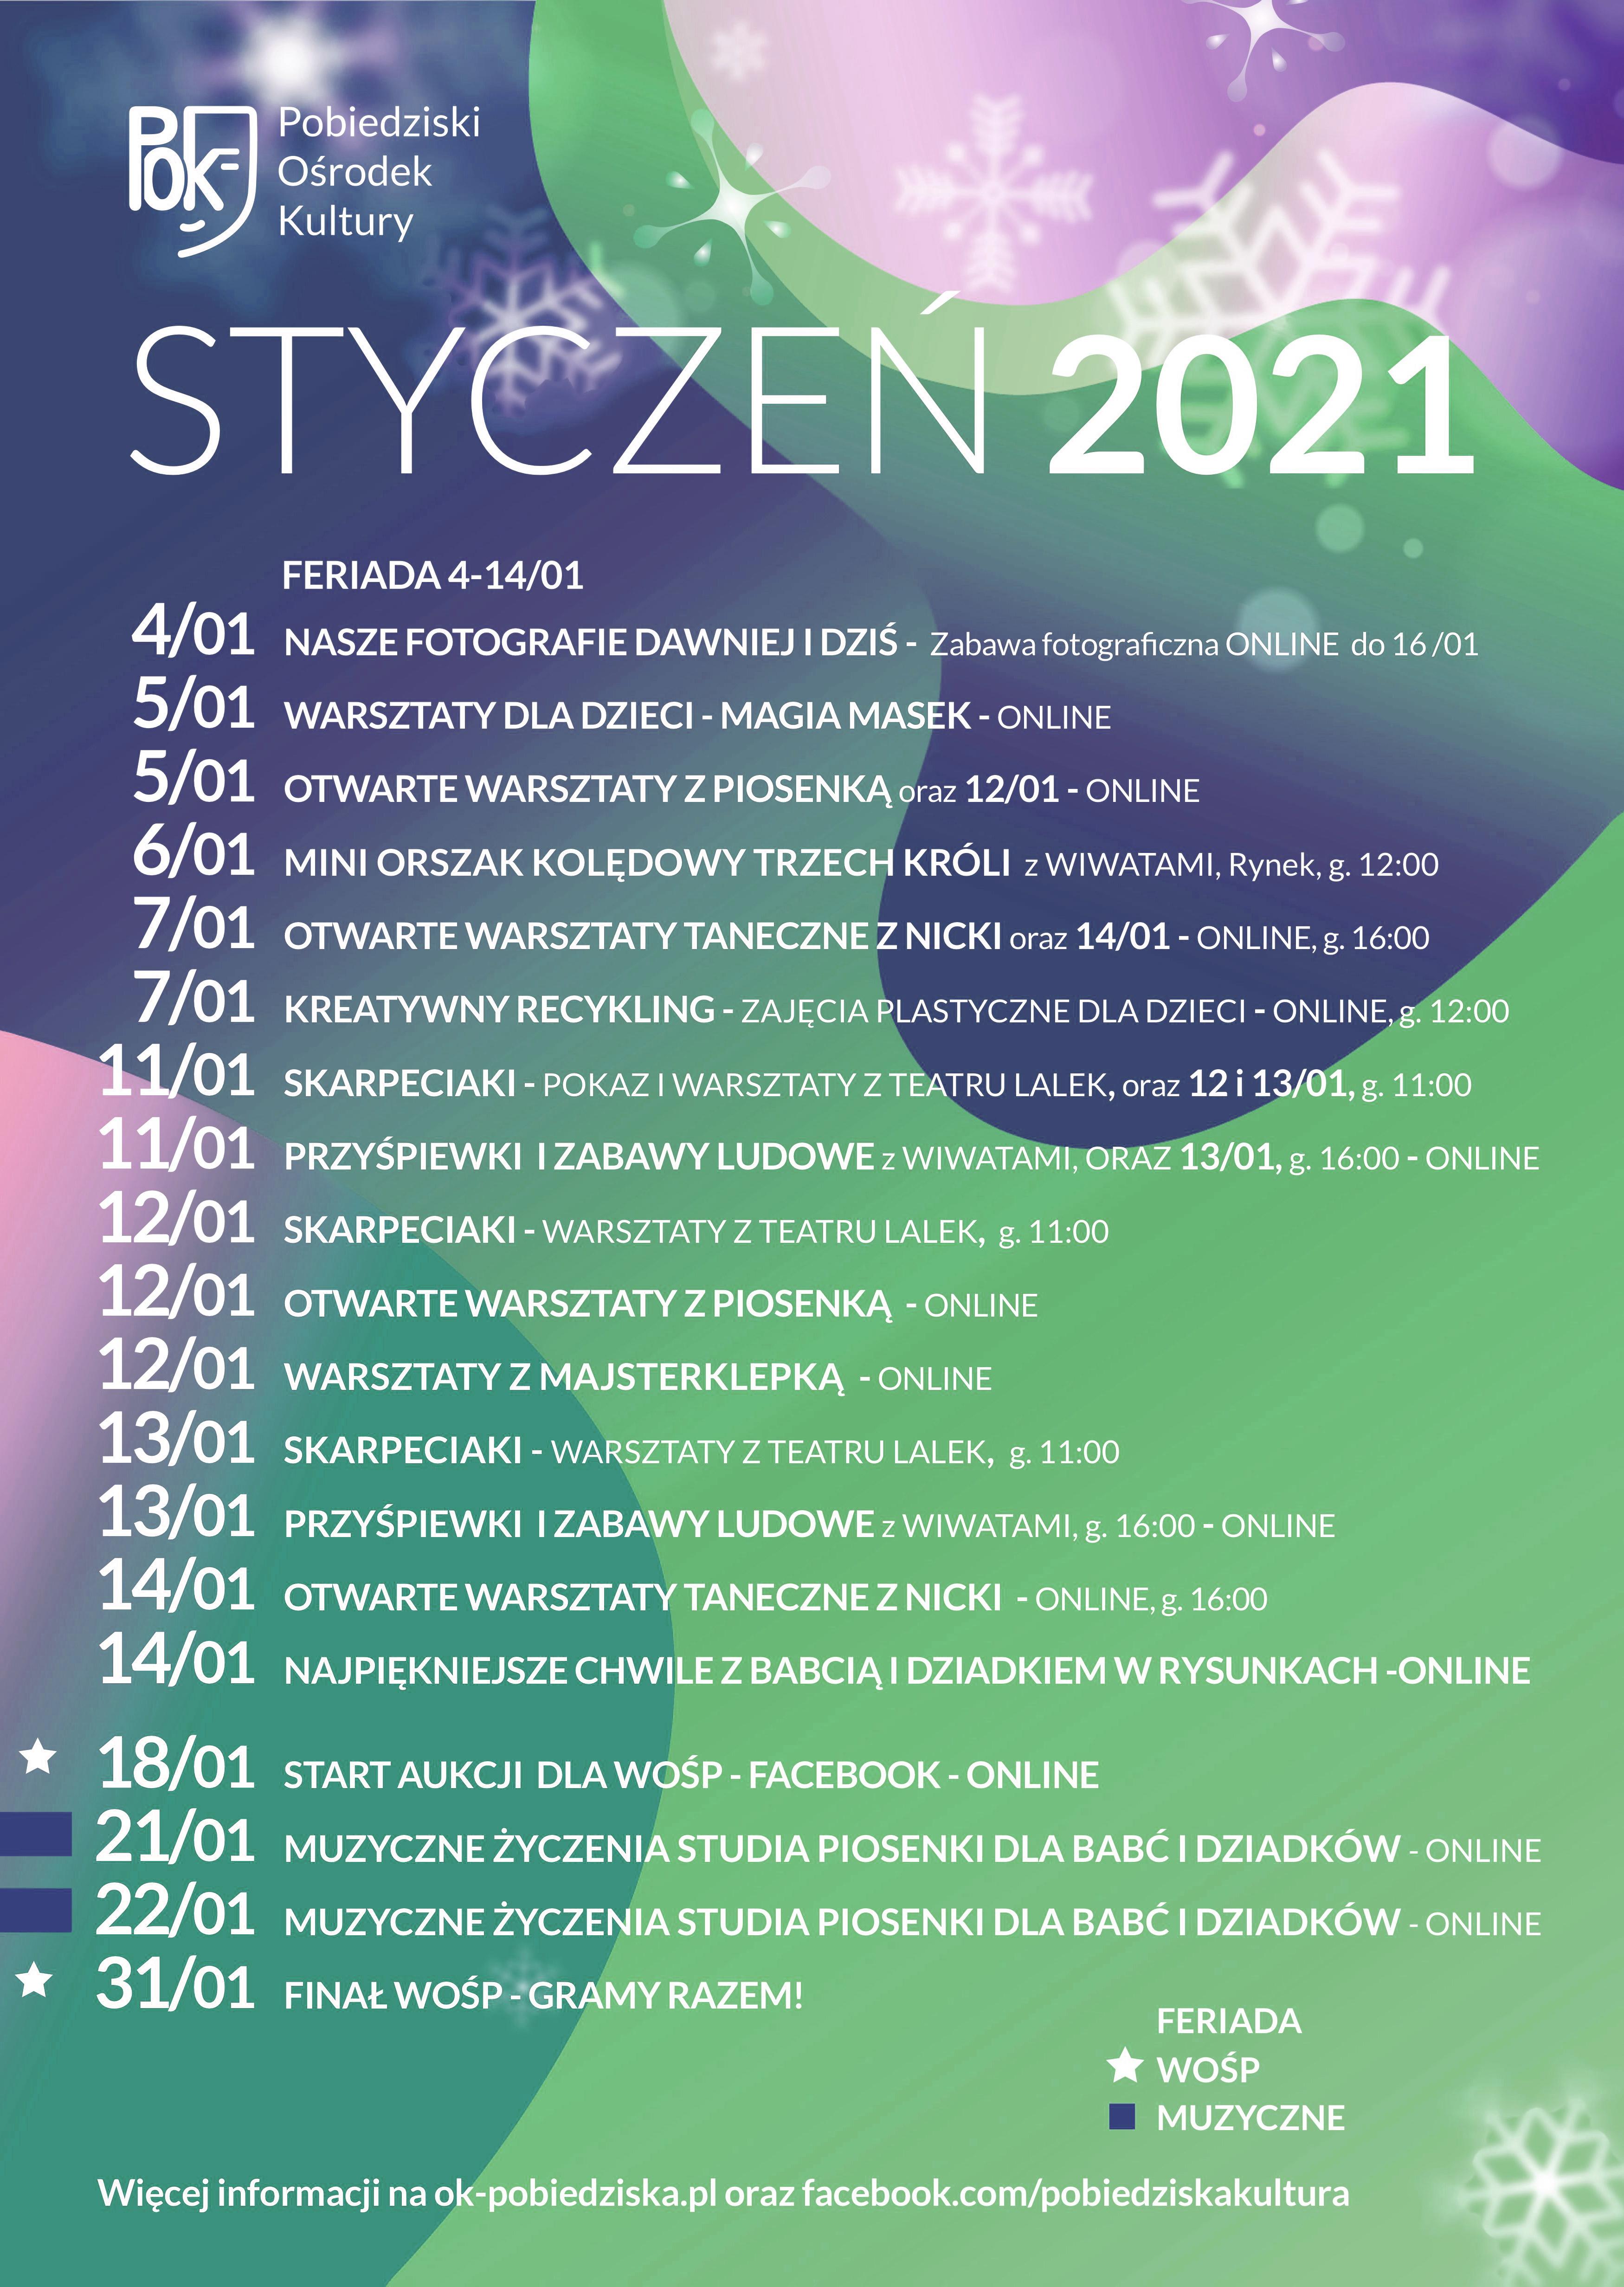 STYCZEŃ 2021